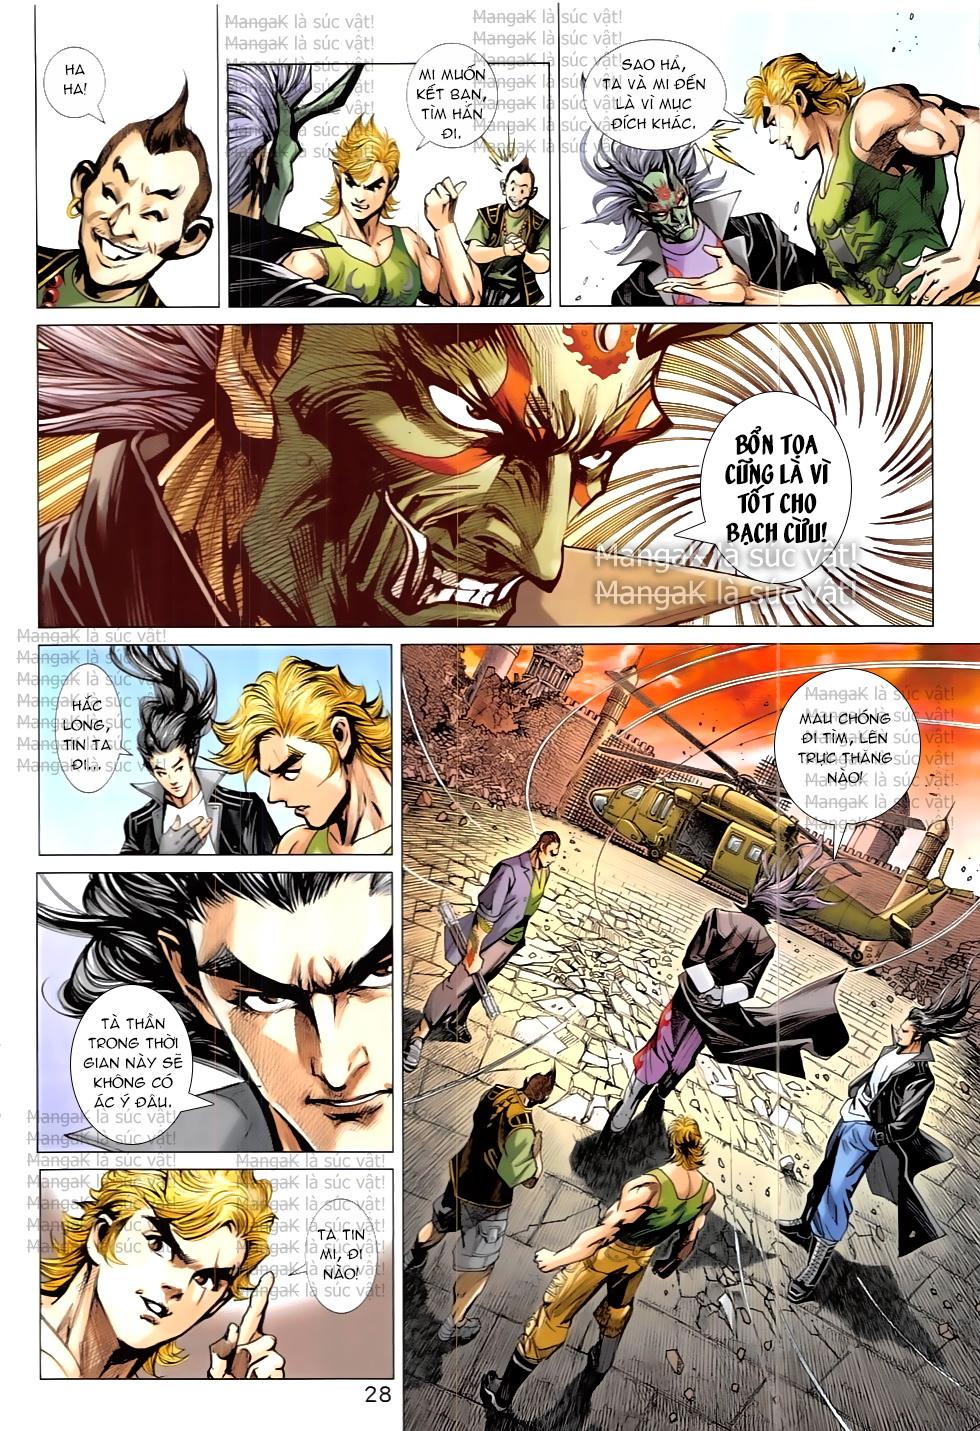 Tân Tác Long Hổ Môn Chap 824 page 28 - Truyentranhaz.net